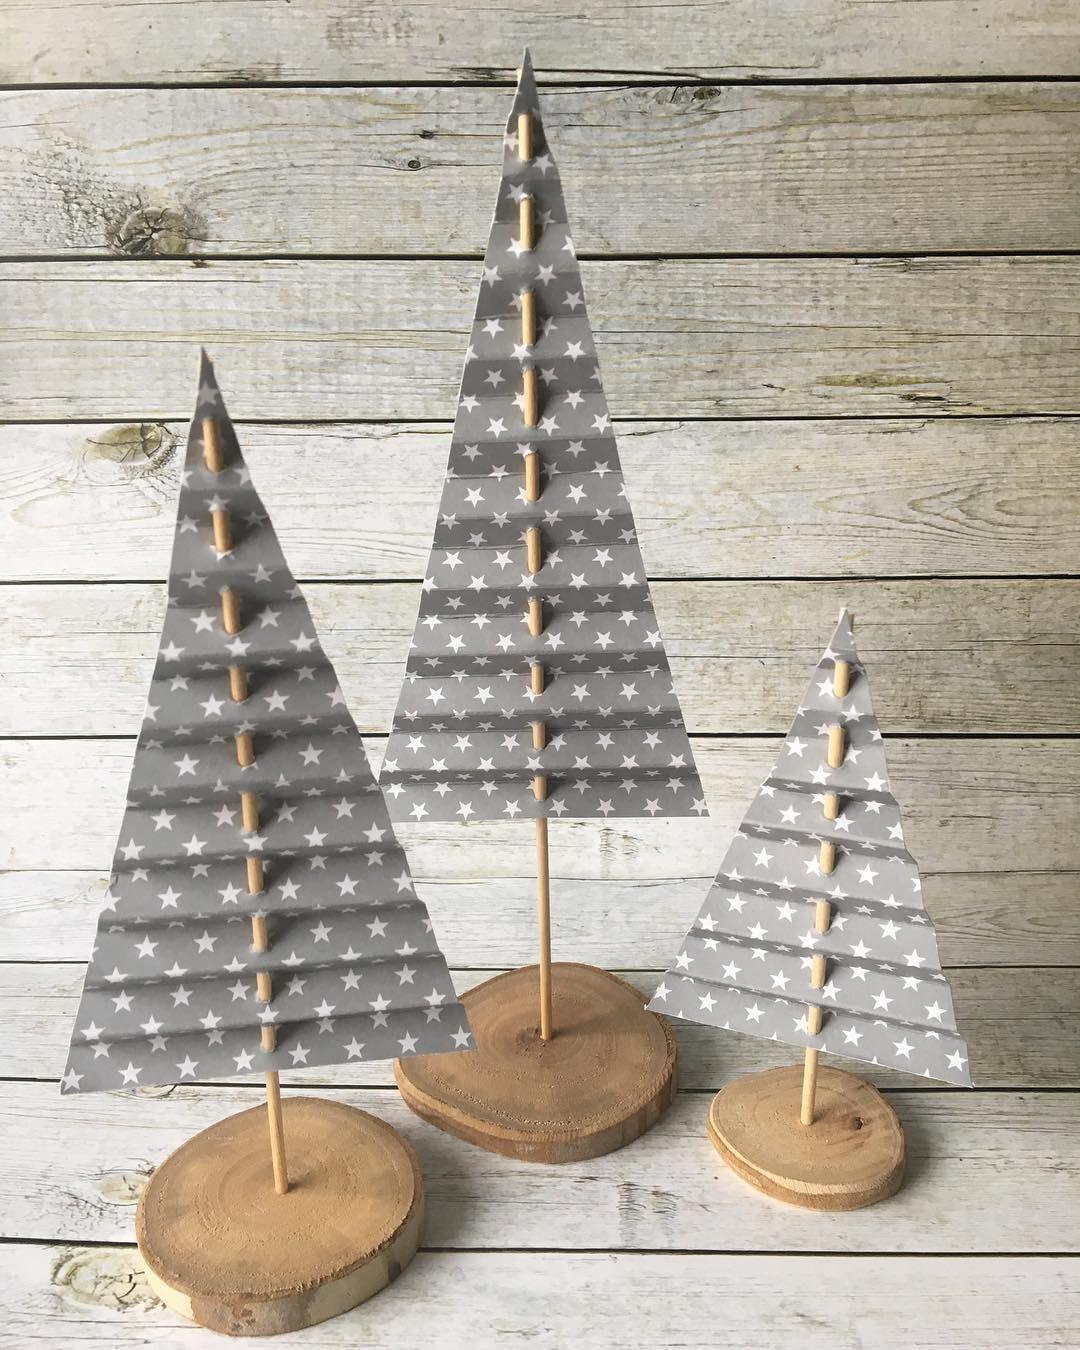 Weihnachtliche deko diese sch ne idee stammt von janas bastelwelt basteln weihnachten deko - Dekoideen weihnachtsbaum ...